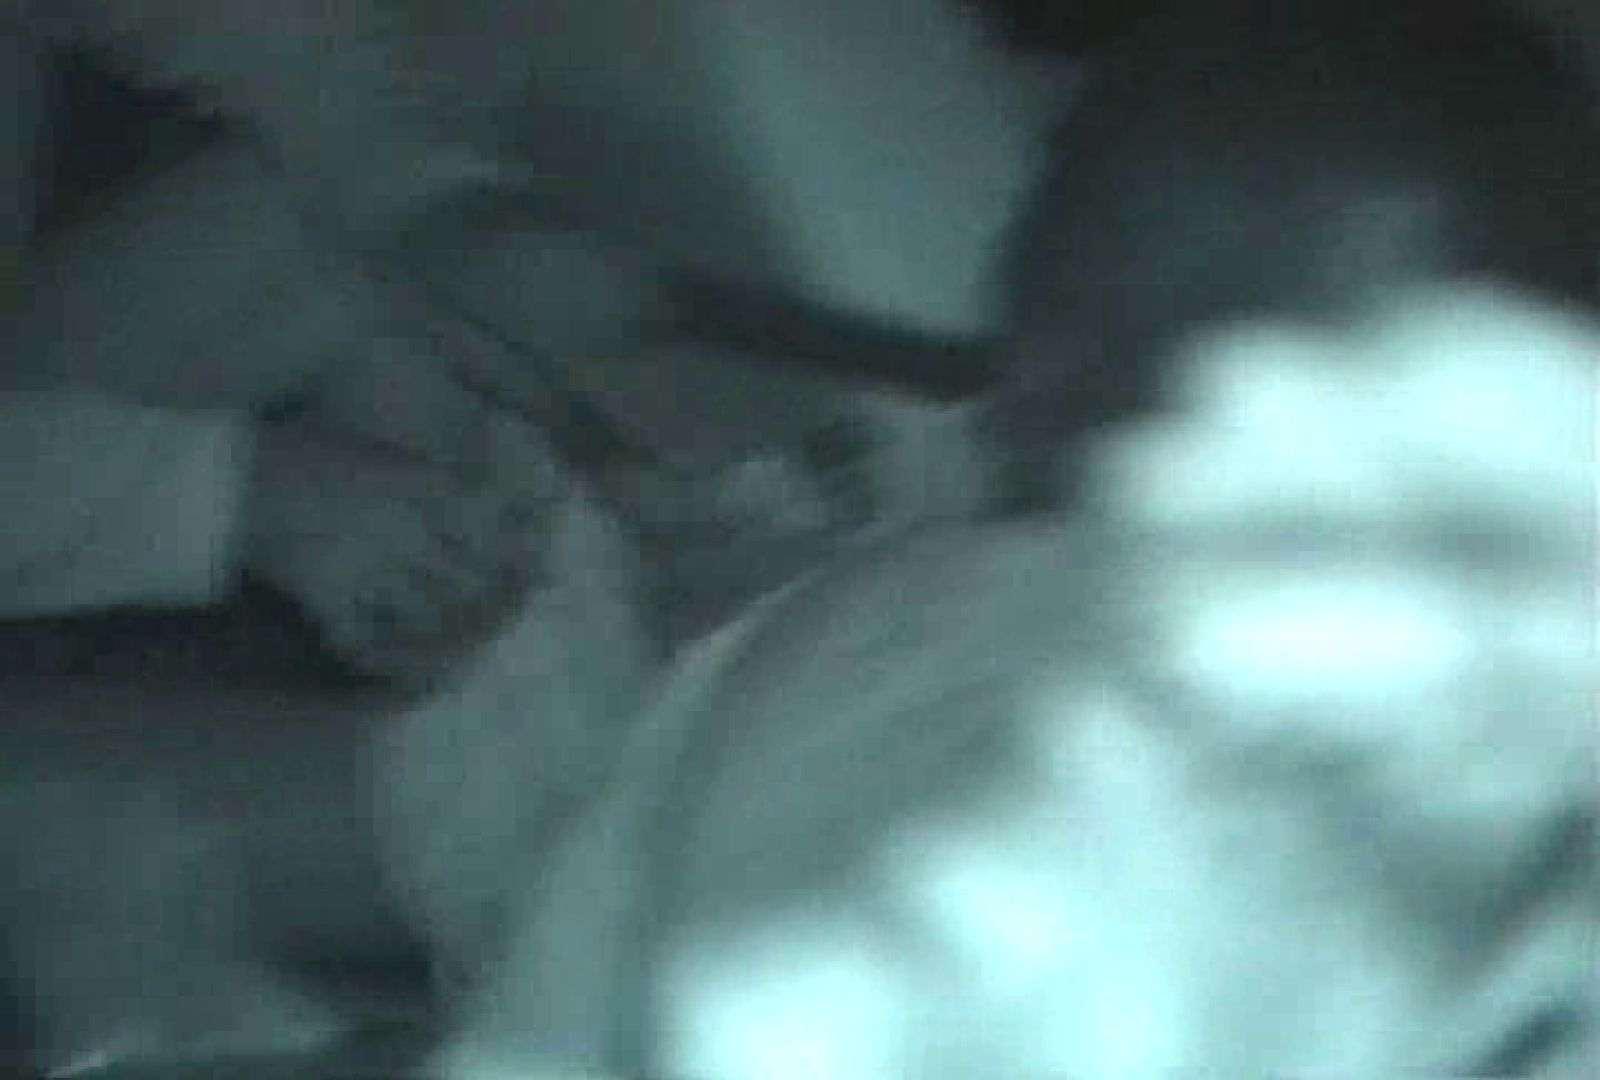 充血監督の深夜の運動会Vol.45 カップル盗撮 オマンコ動画キャプチャ 101画像 67